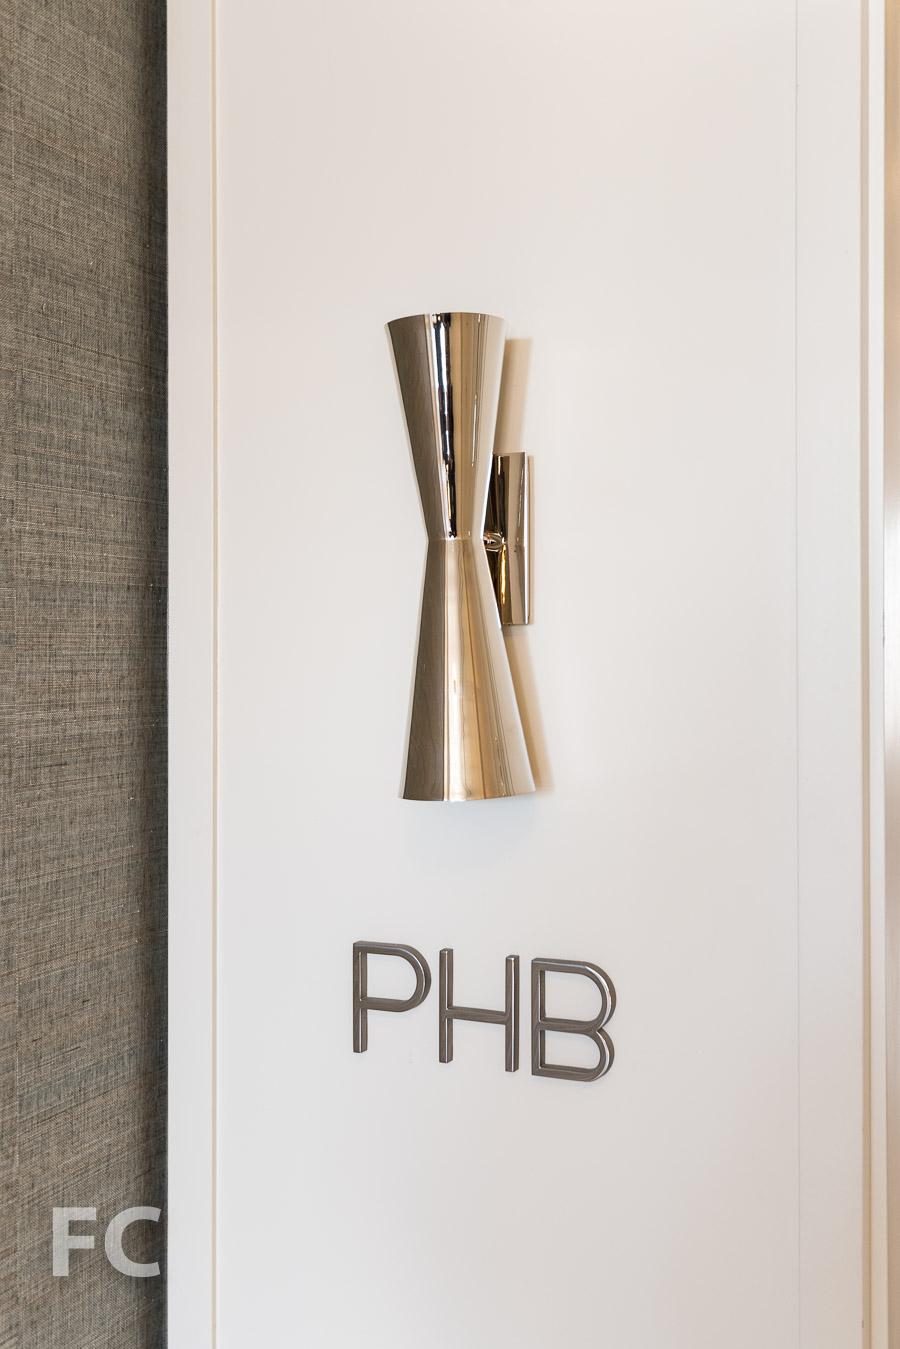 Penthouse B corridor signage.